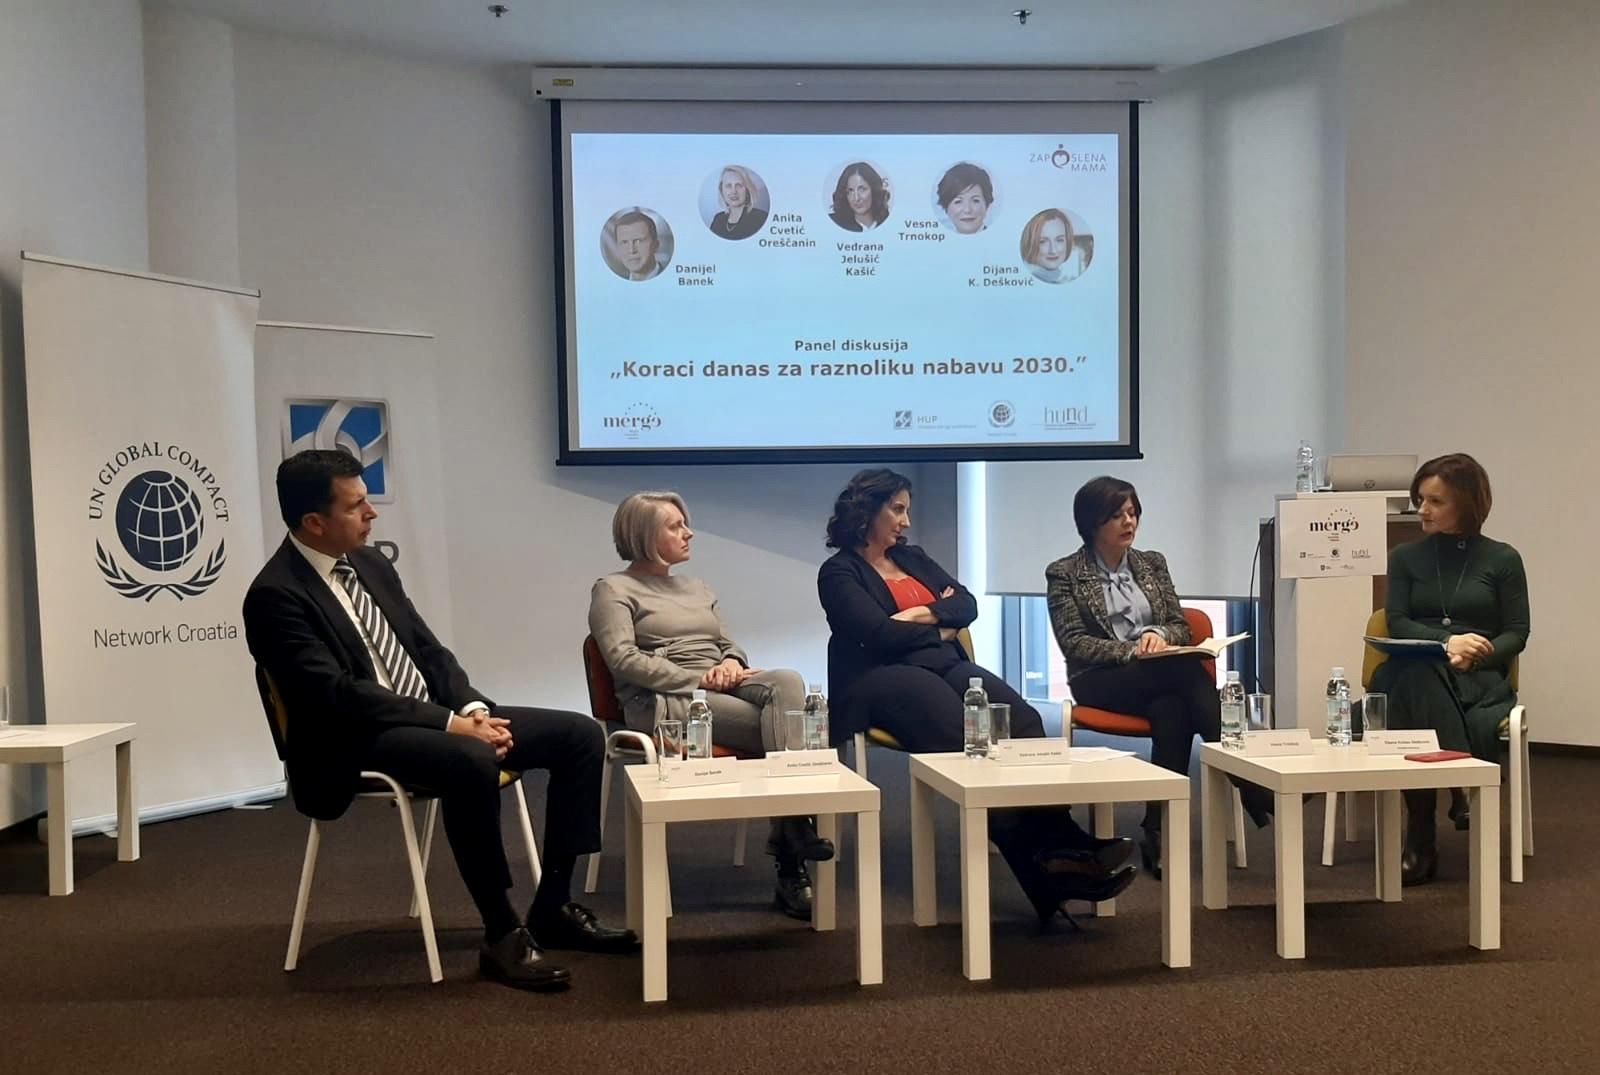 Panel diskusija na temu 'Koraci danas za raznoliku nabavu 2030.'